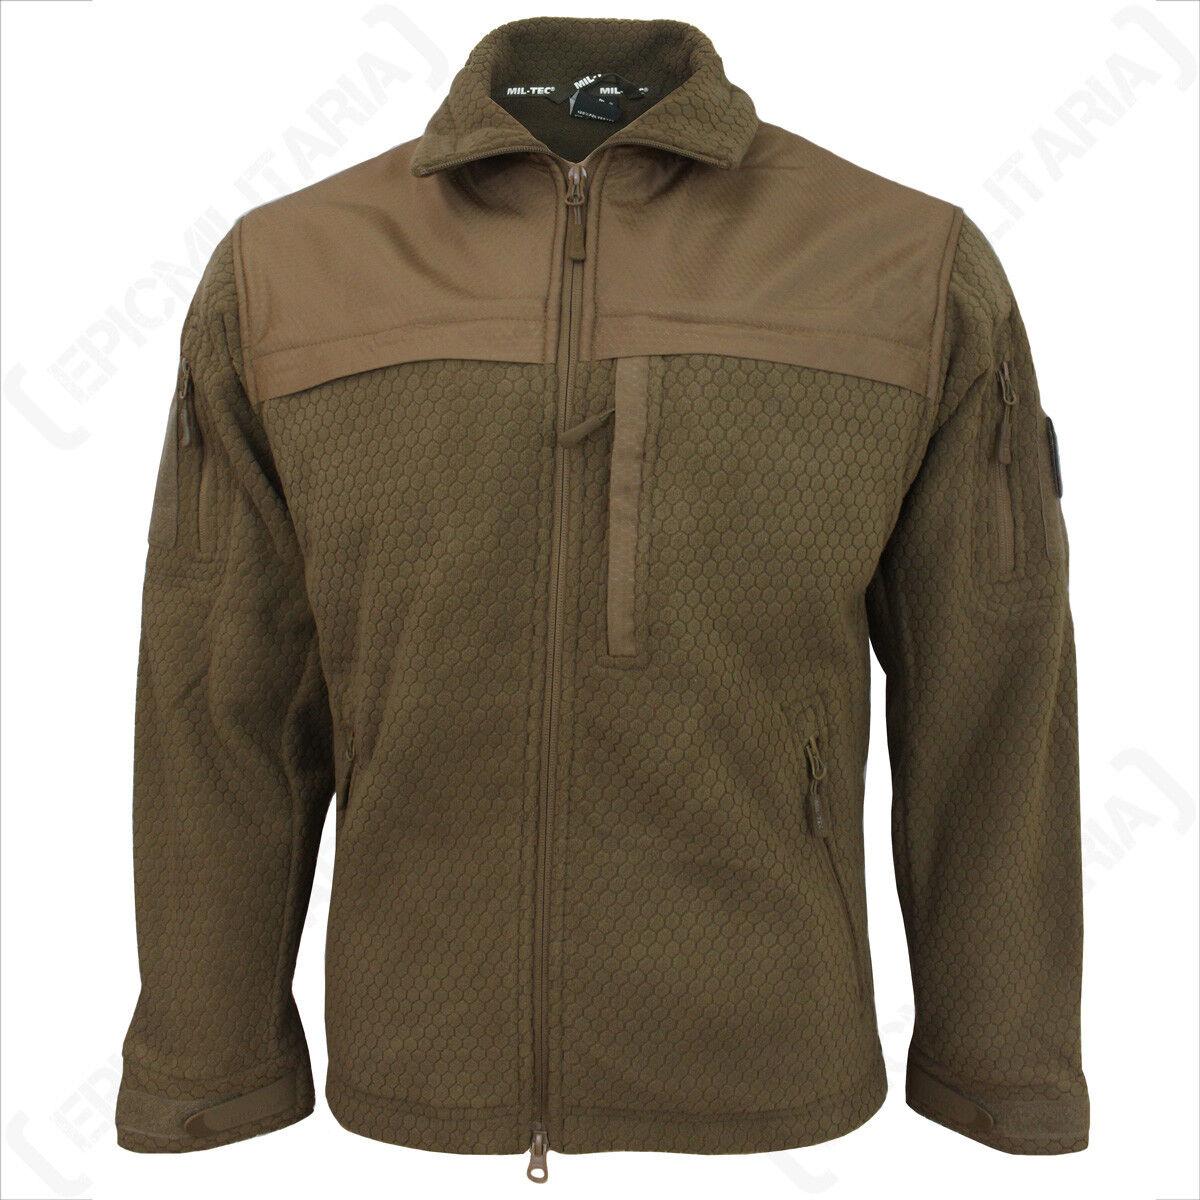 Hextac Elite Veste polaire - foncé COYOTE - manteau military hommes